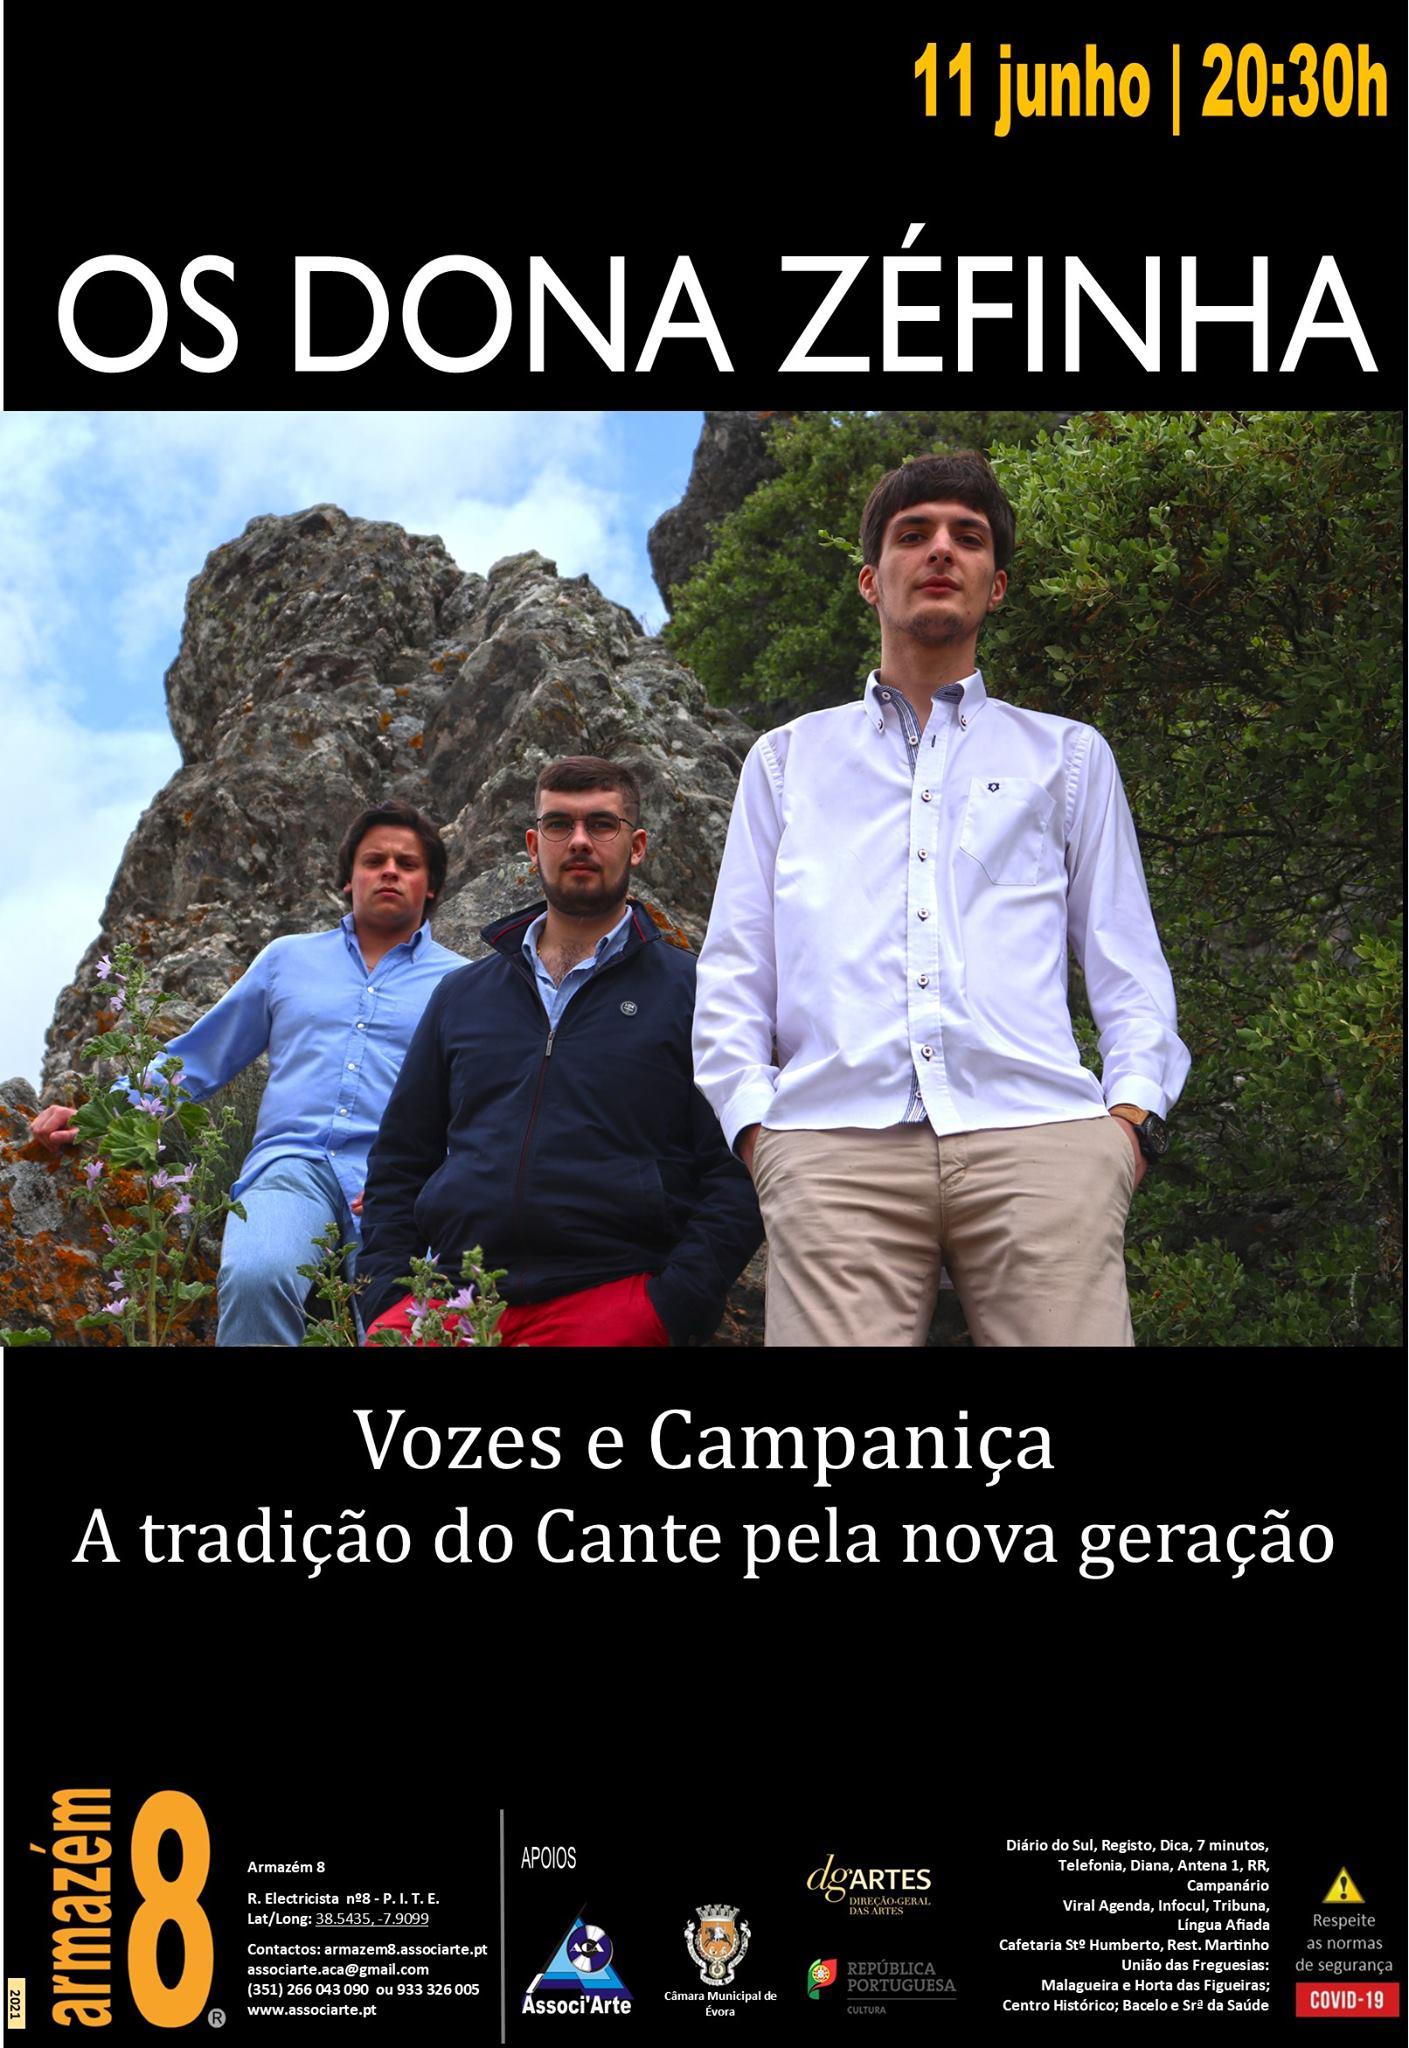 D. Zefinha